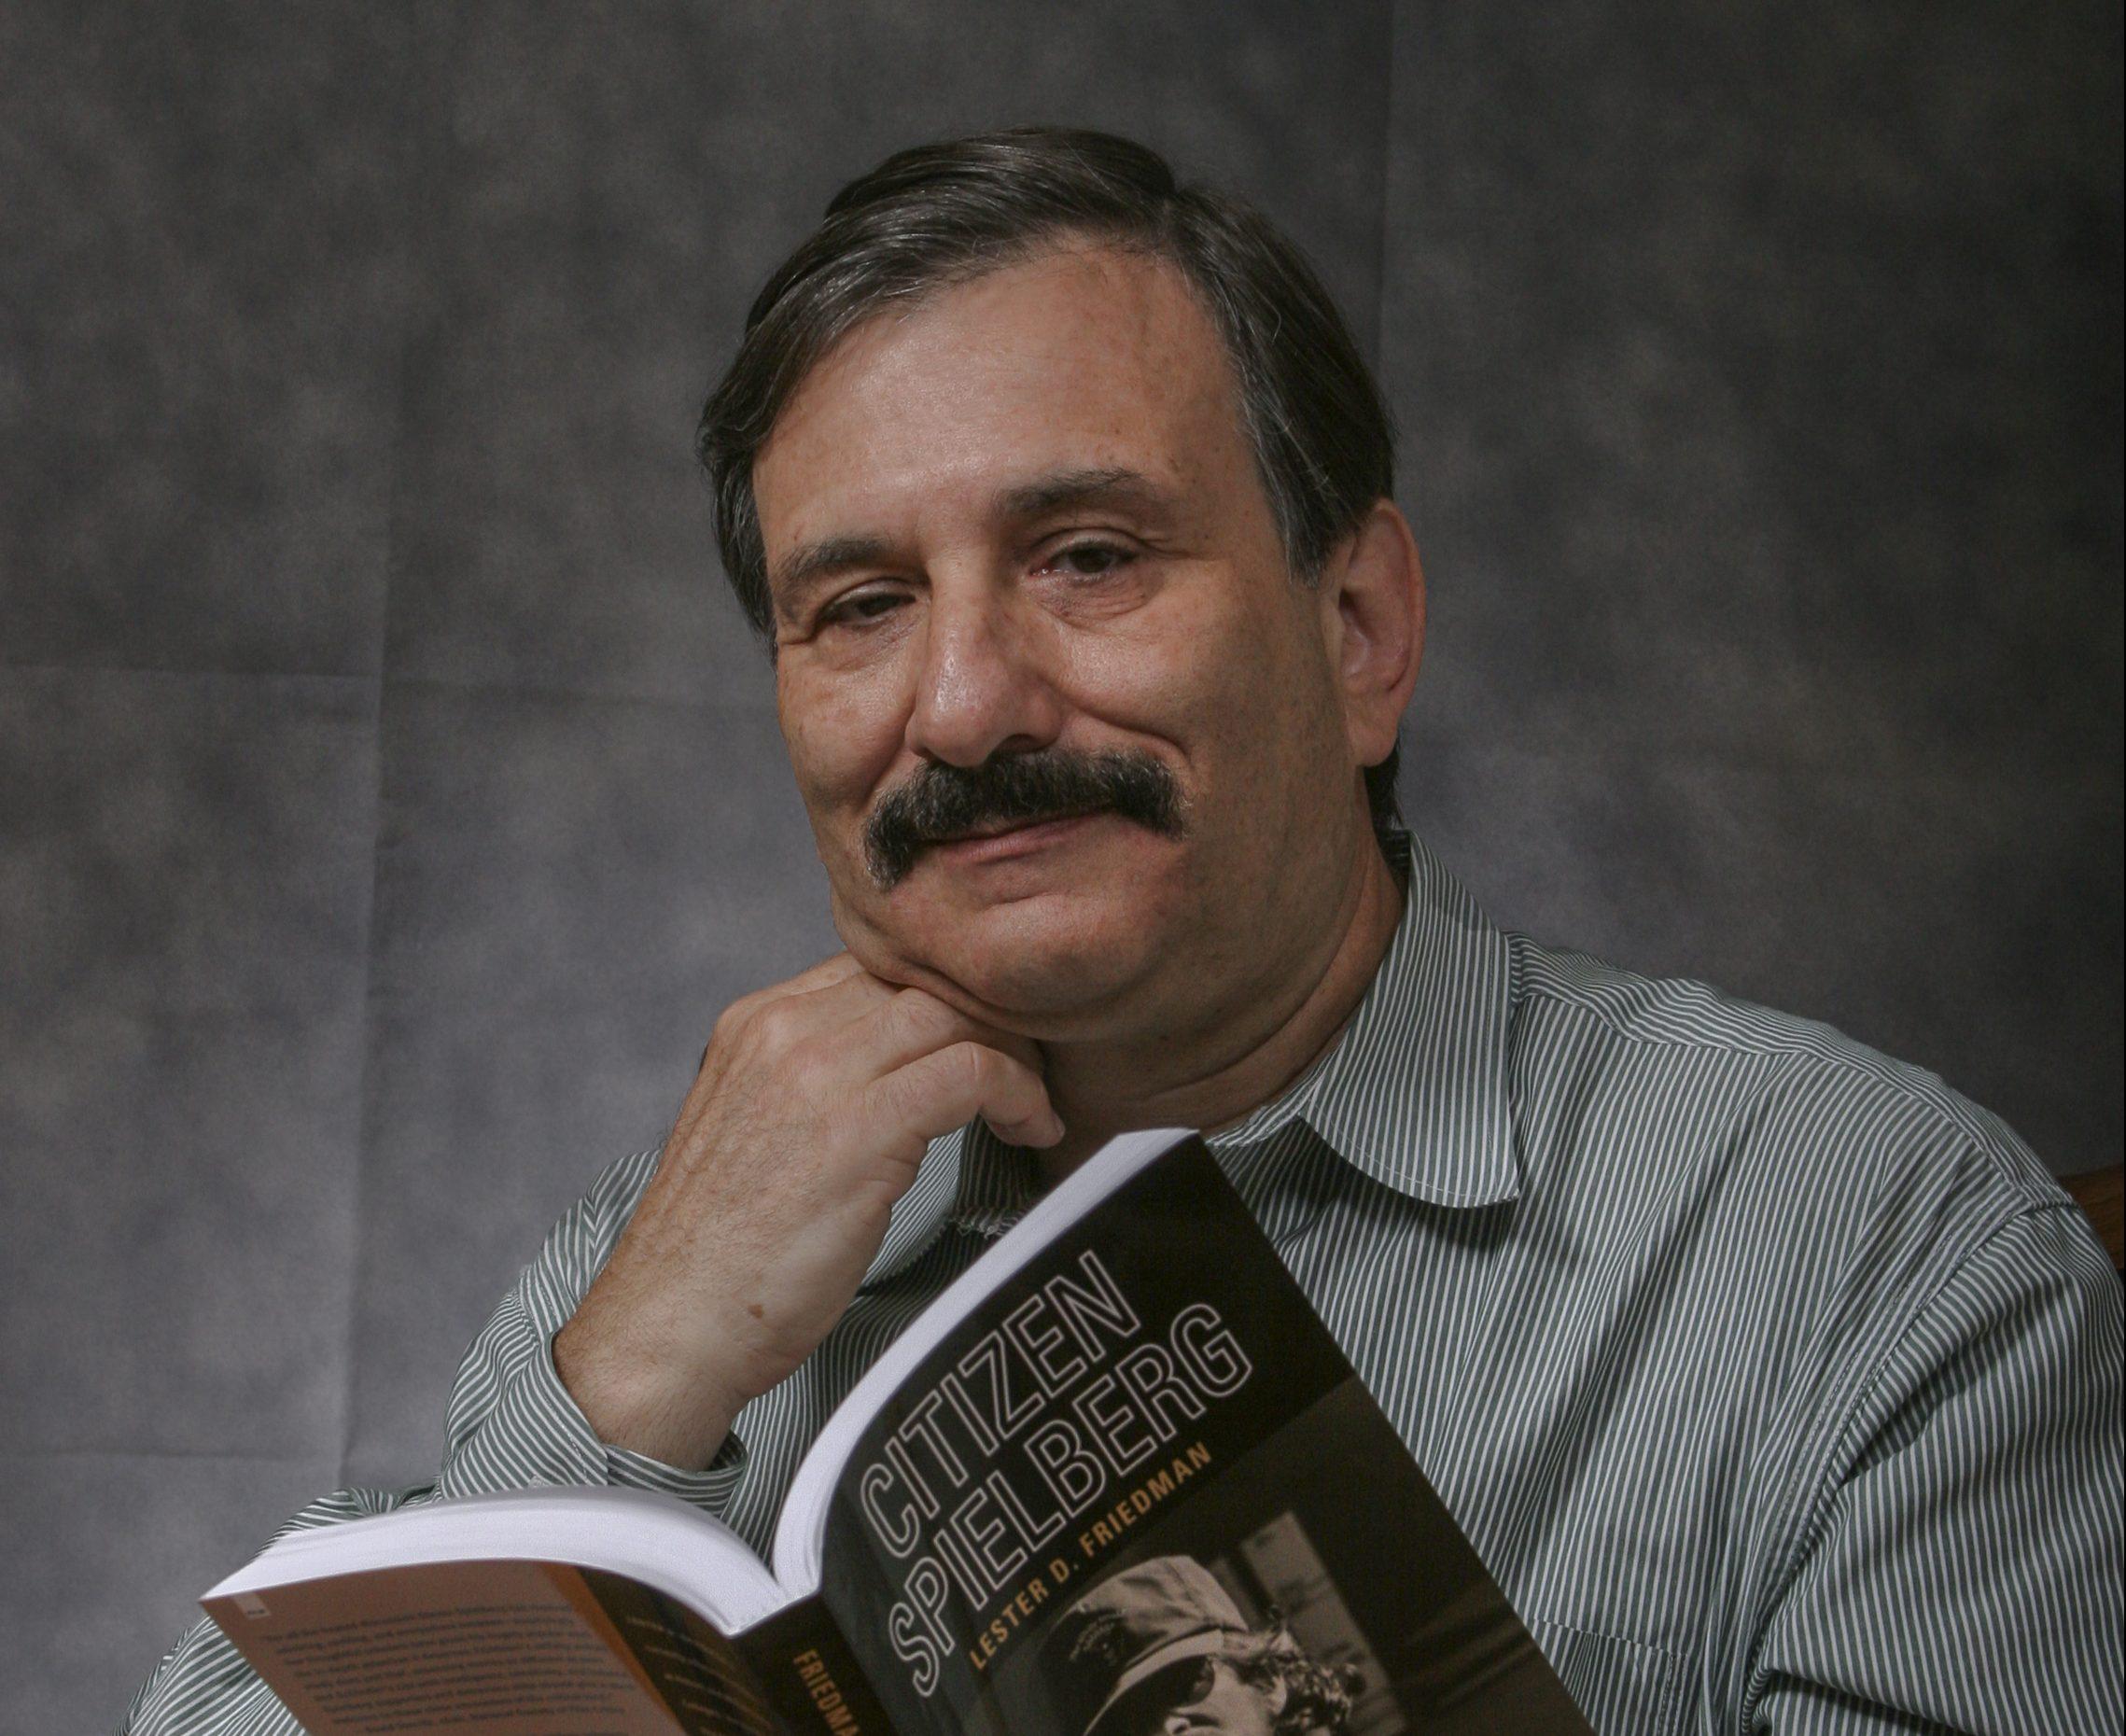 Lester Friedman